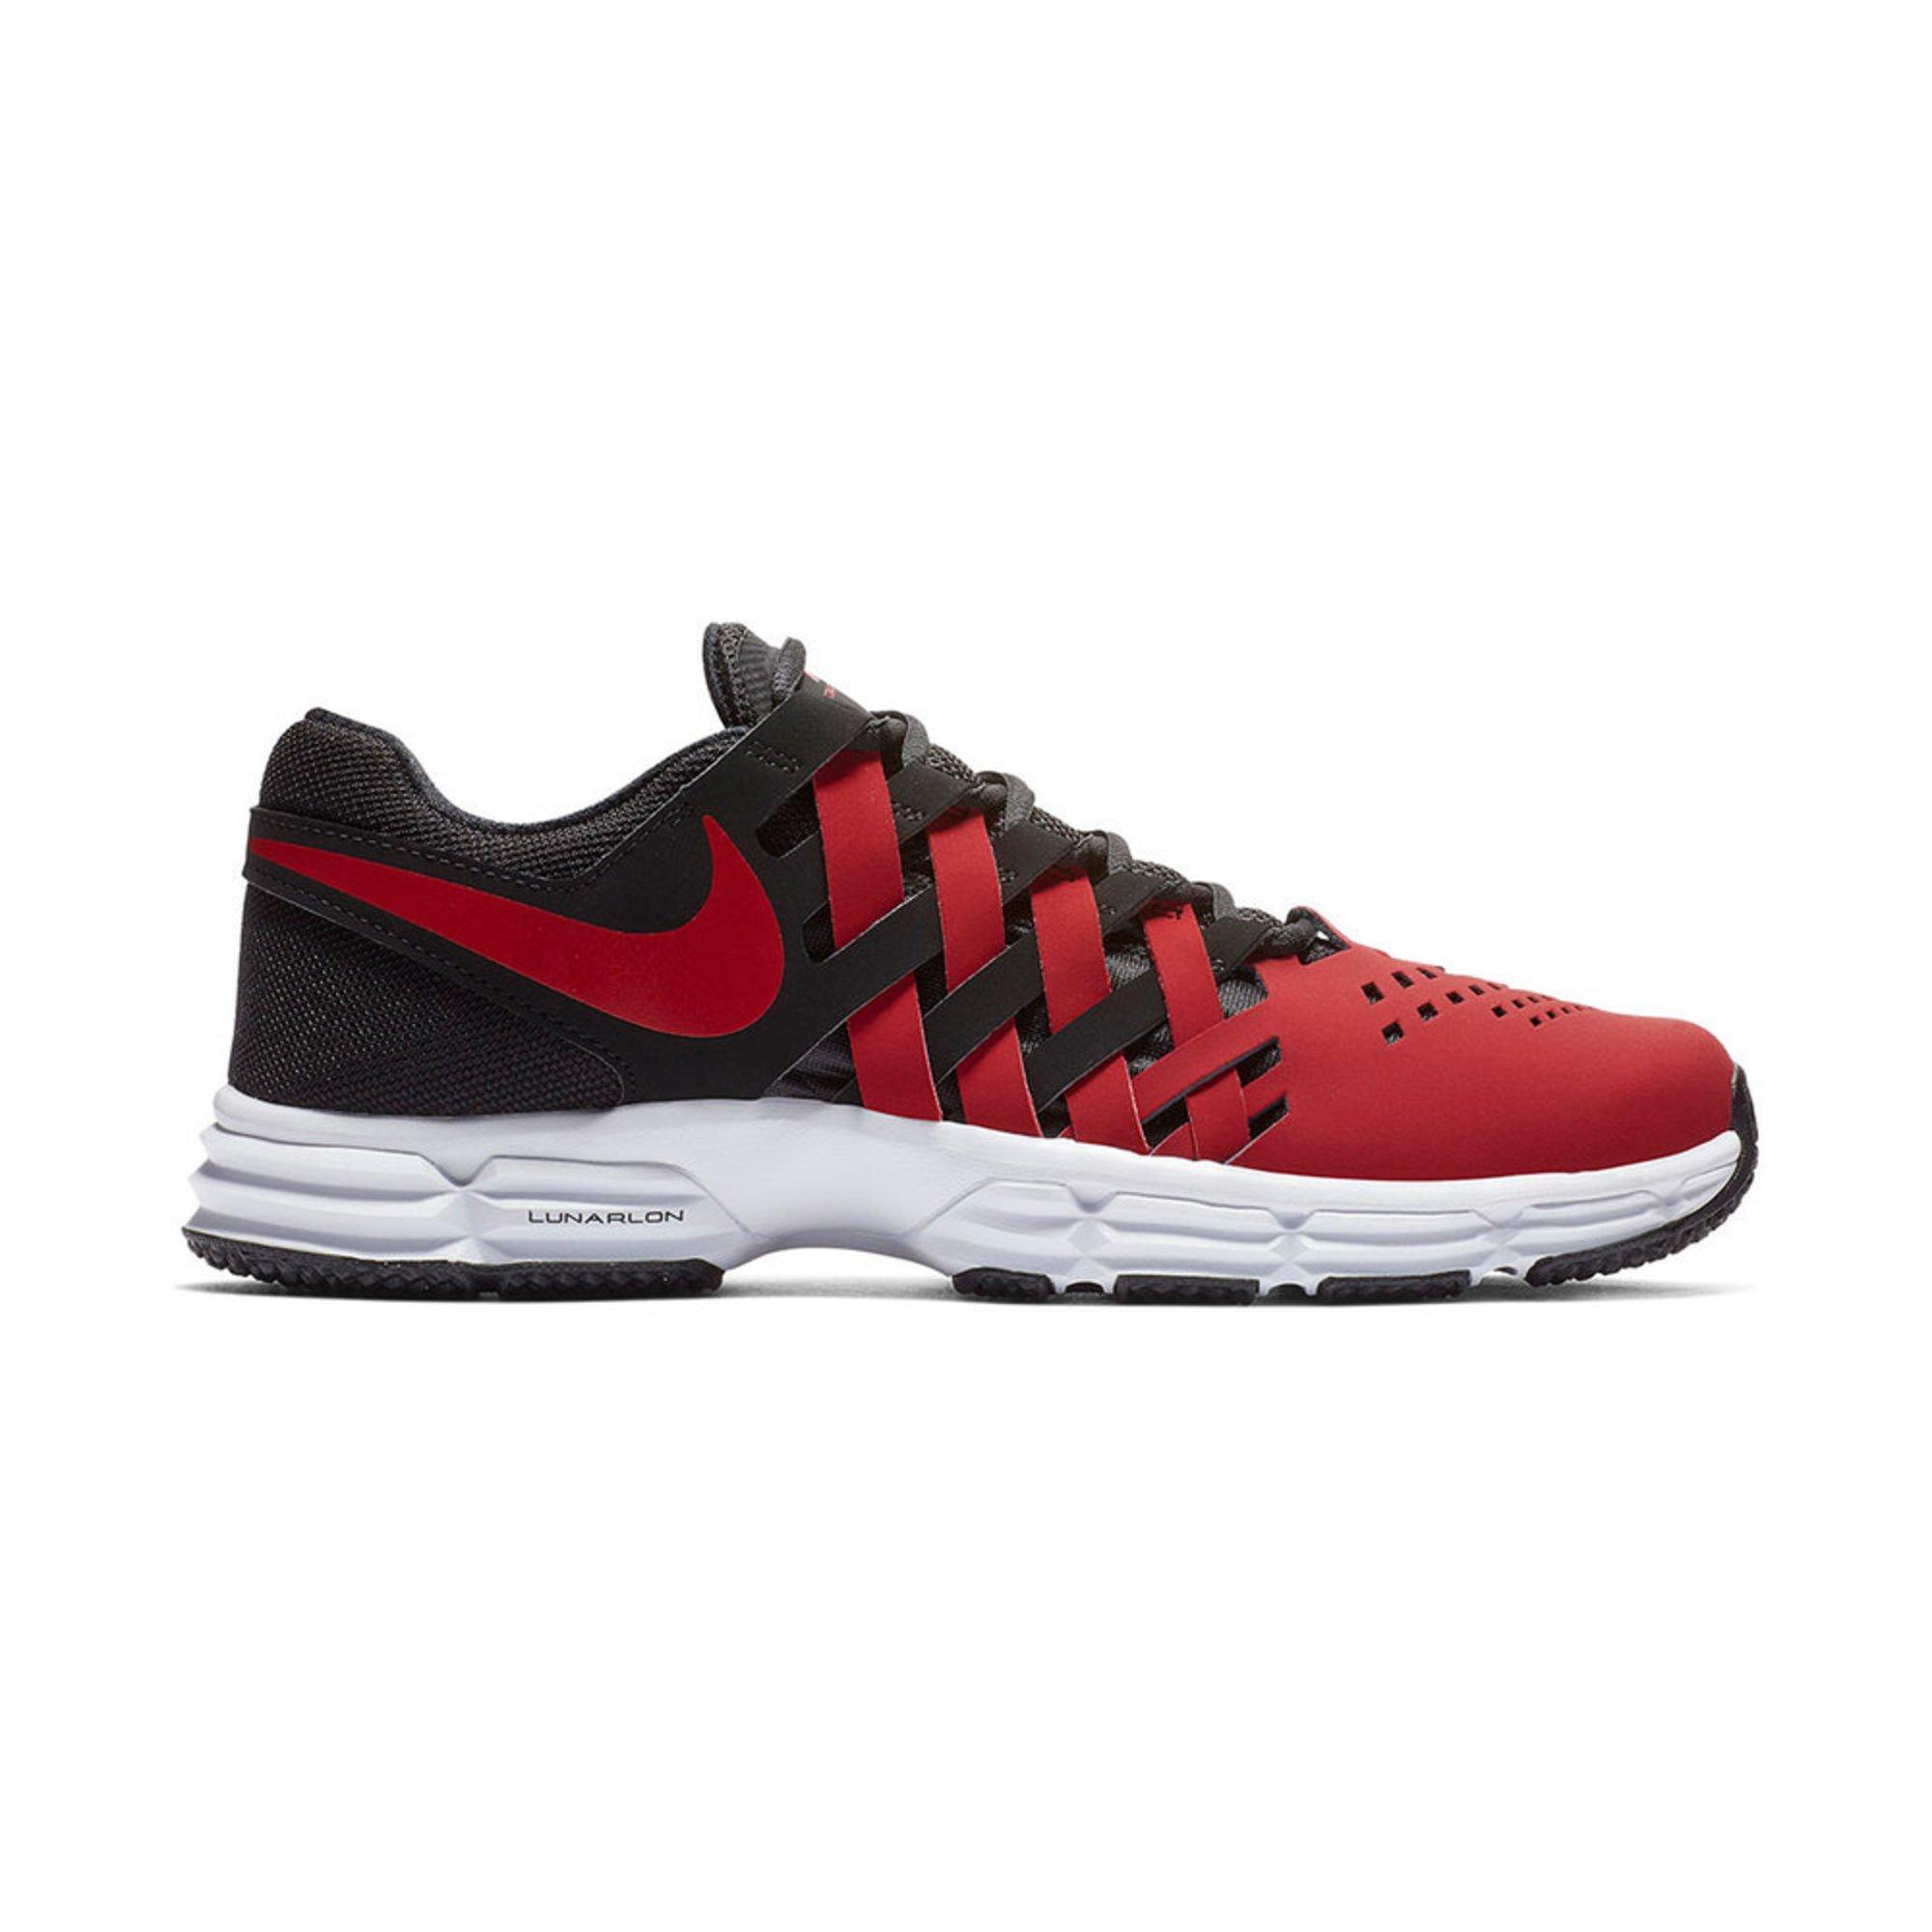 e056b387a8d7 Nike Men s Lunar Fingertrap Tr Training Shoe